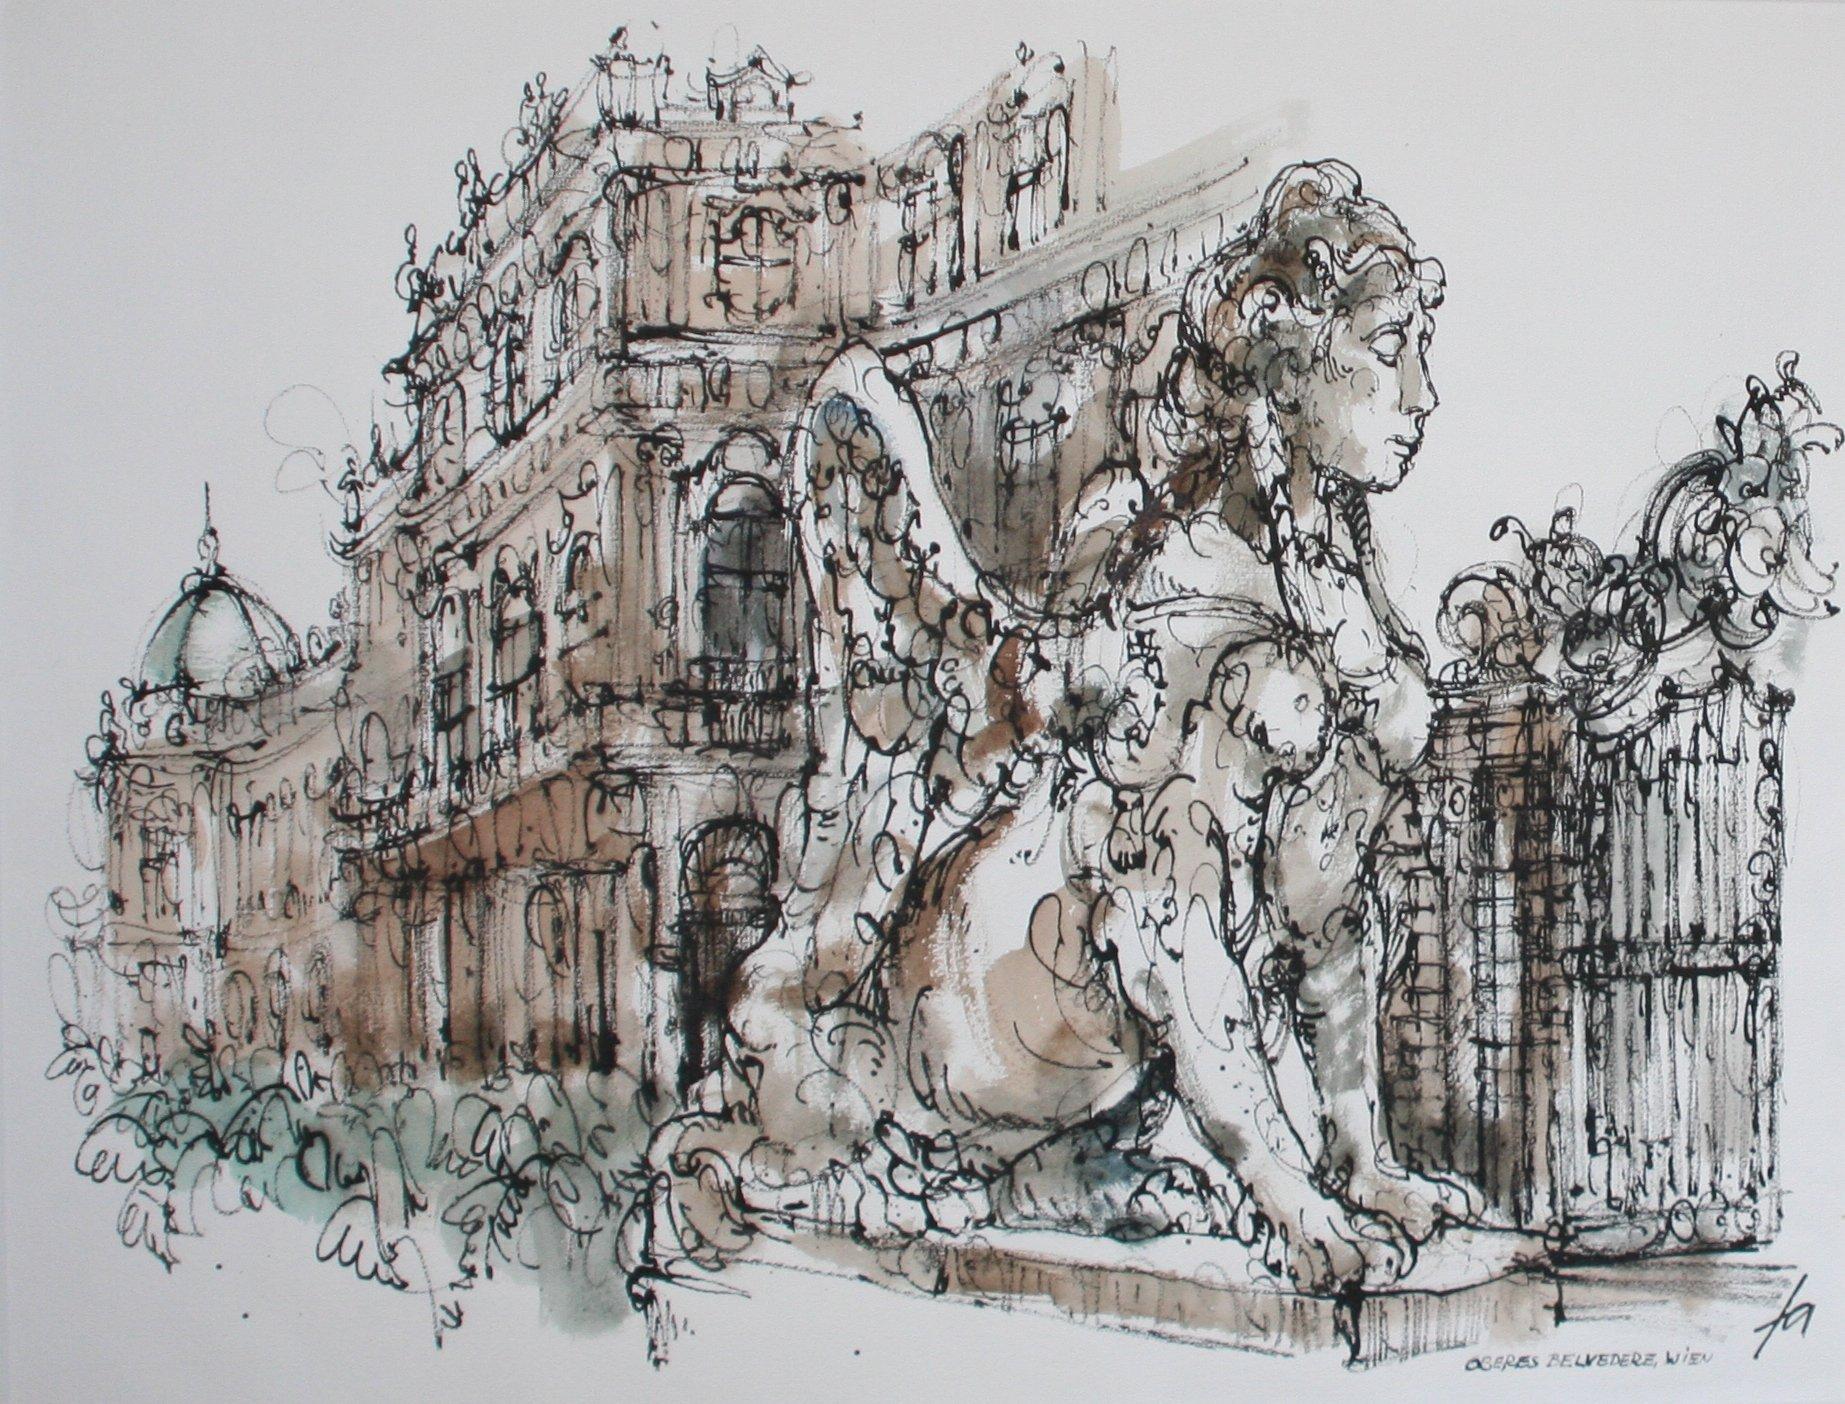 Wien, Oberes Belvedere, Rohrfeder, aquarelliert, 50 x 64, Foto: ROESSLER PR